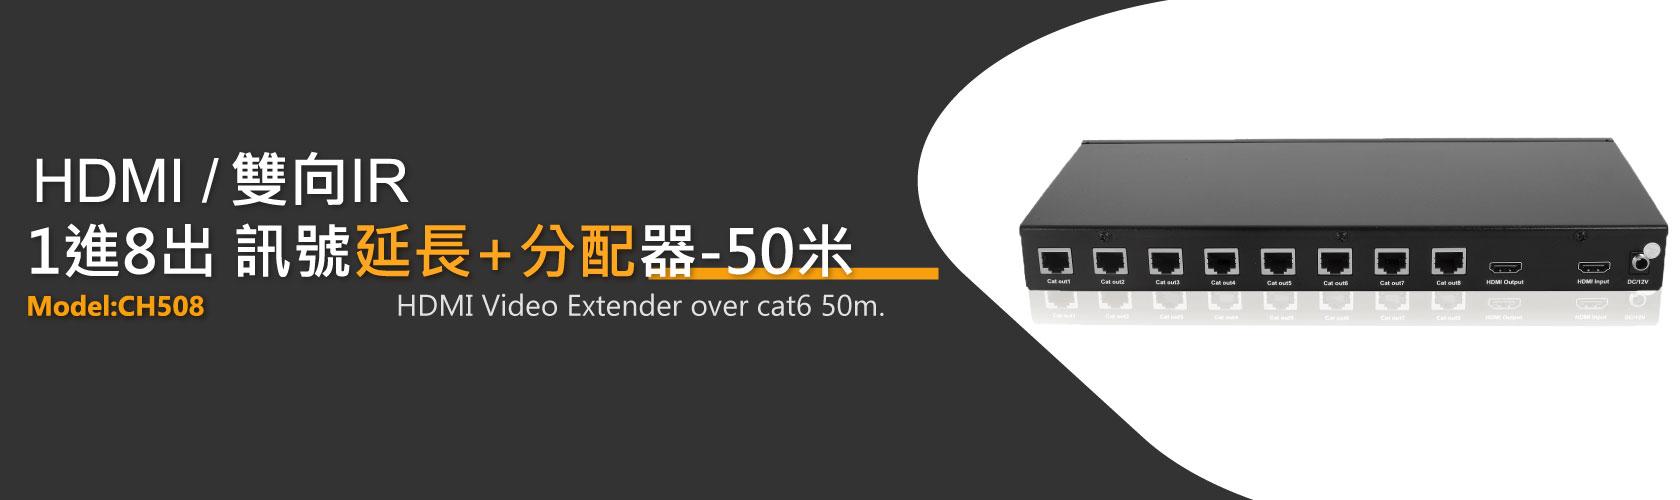 1進8出 HDMI分配延長器-支援雙向IR 可延伸50公尺